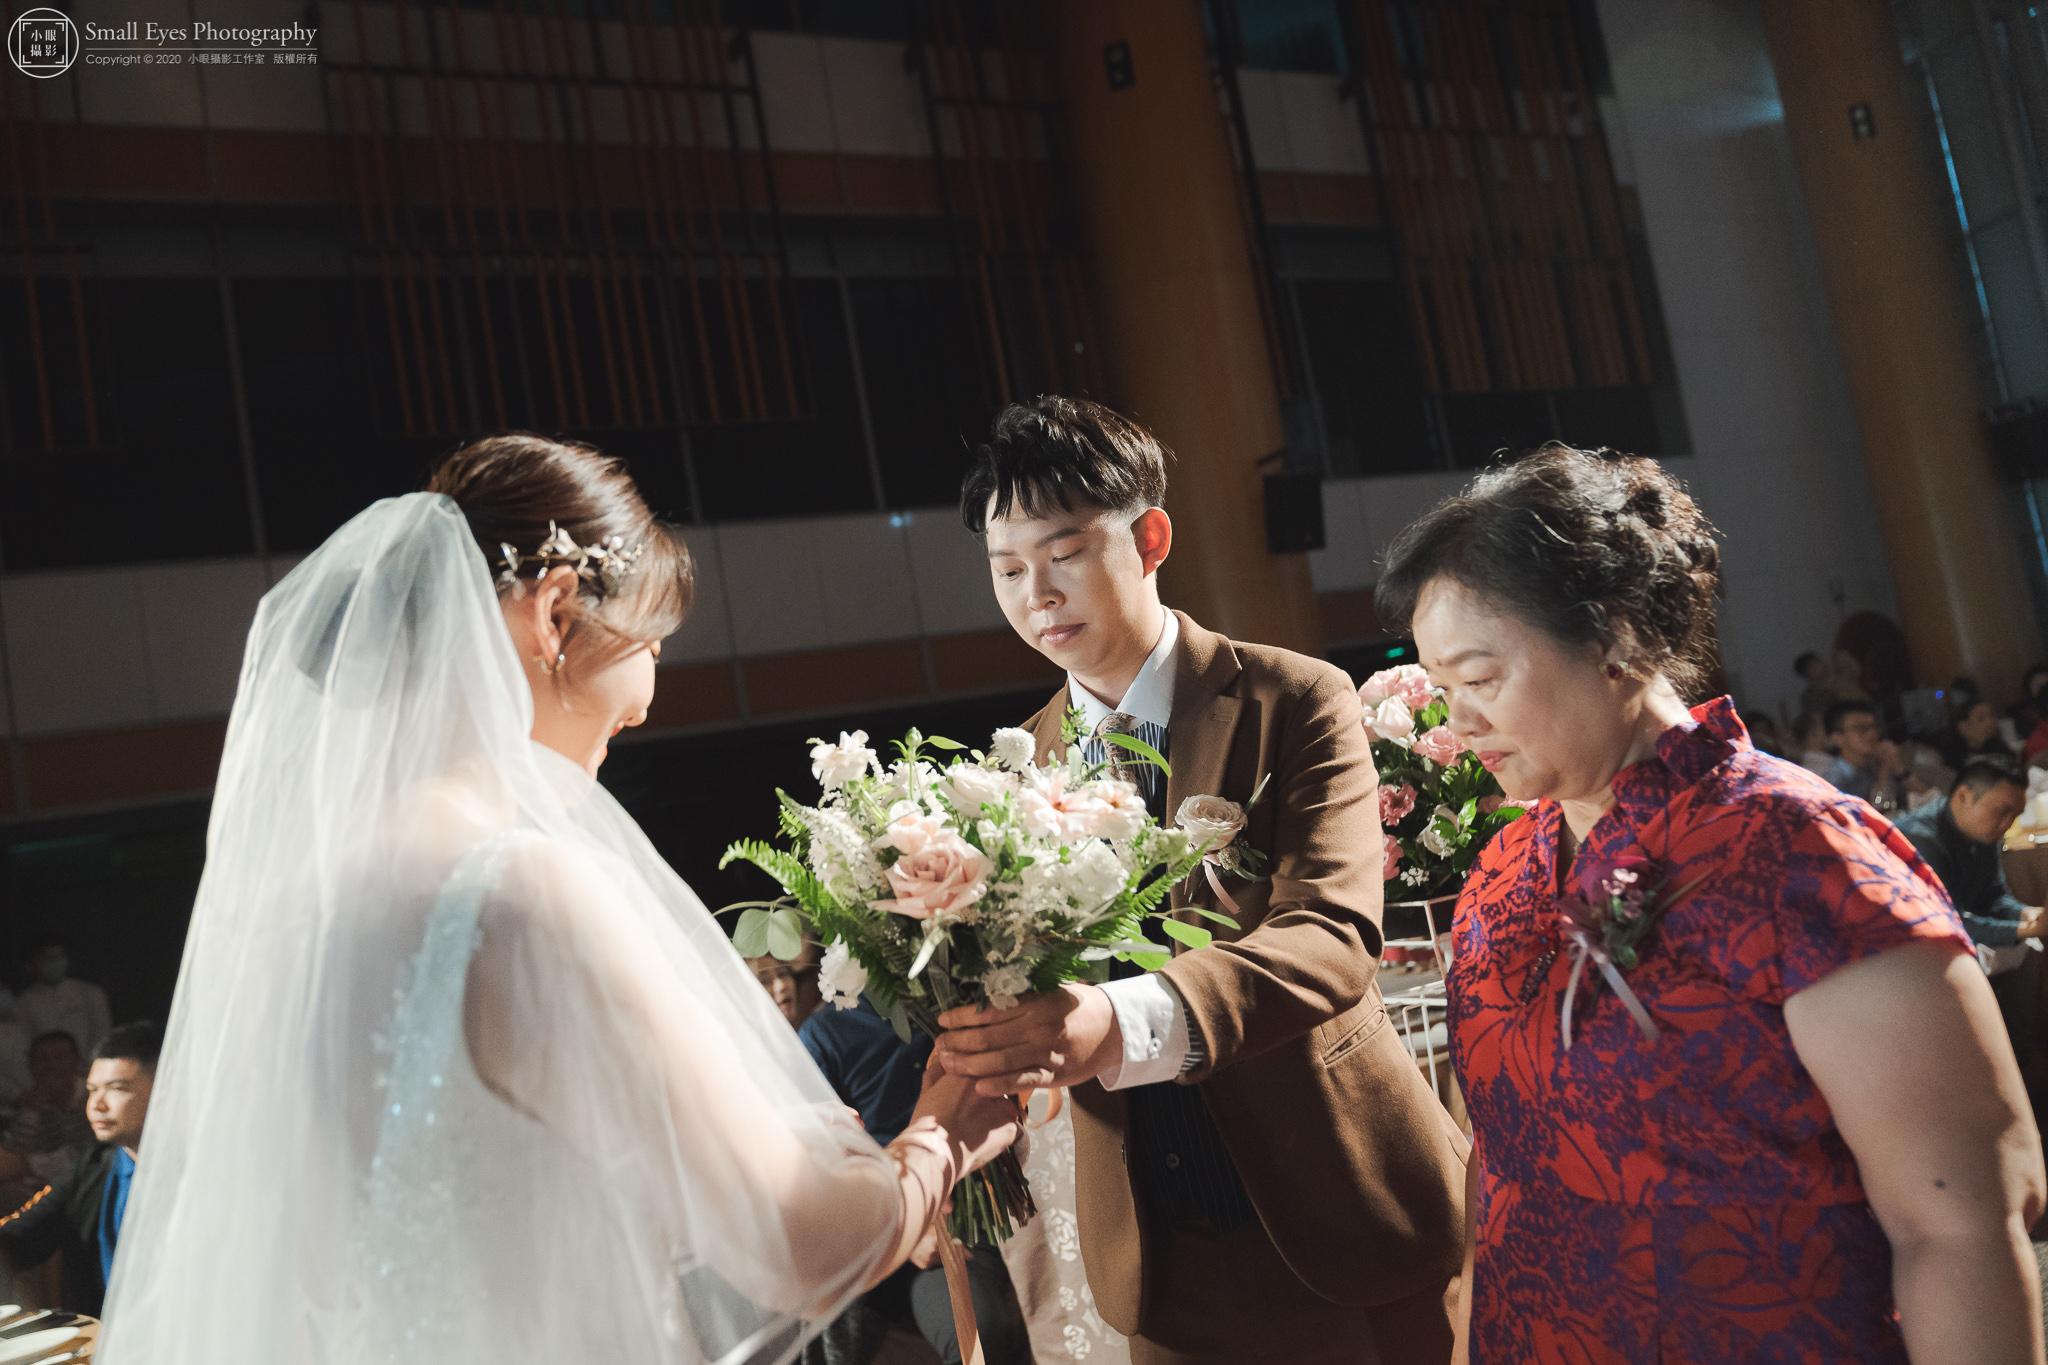 小眼攝影,傅祐承,婚禮攝影,婚攝,婚禮紀實,婚禮紀錄,台中,裕元花園,酒店,捧花